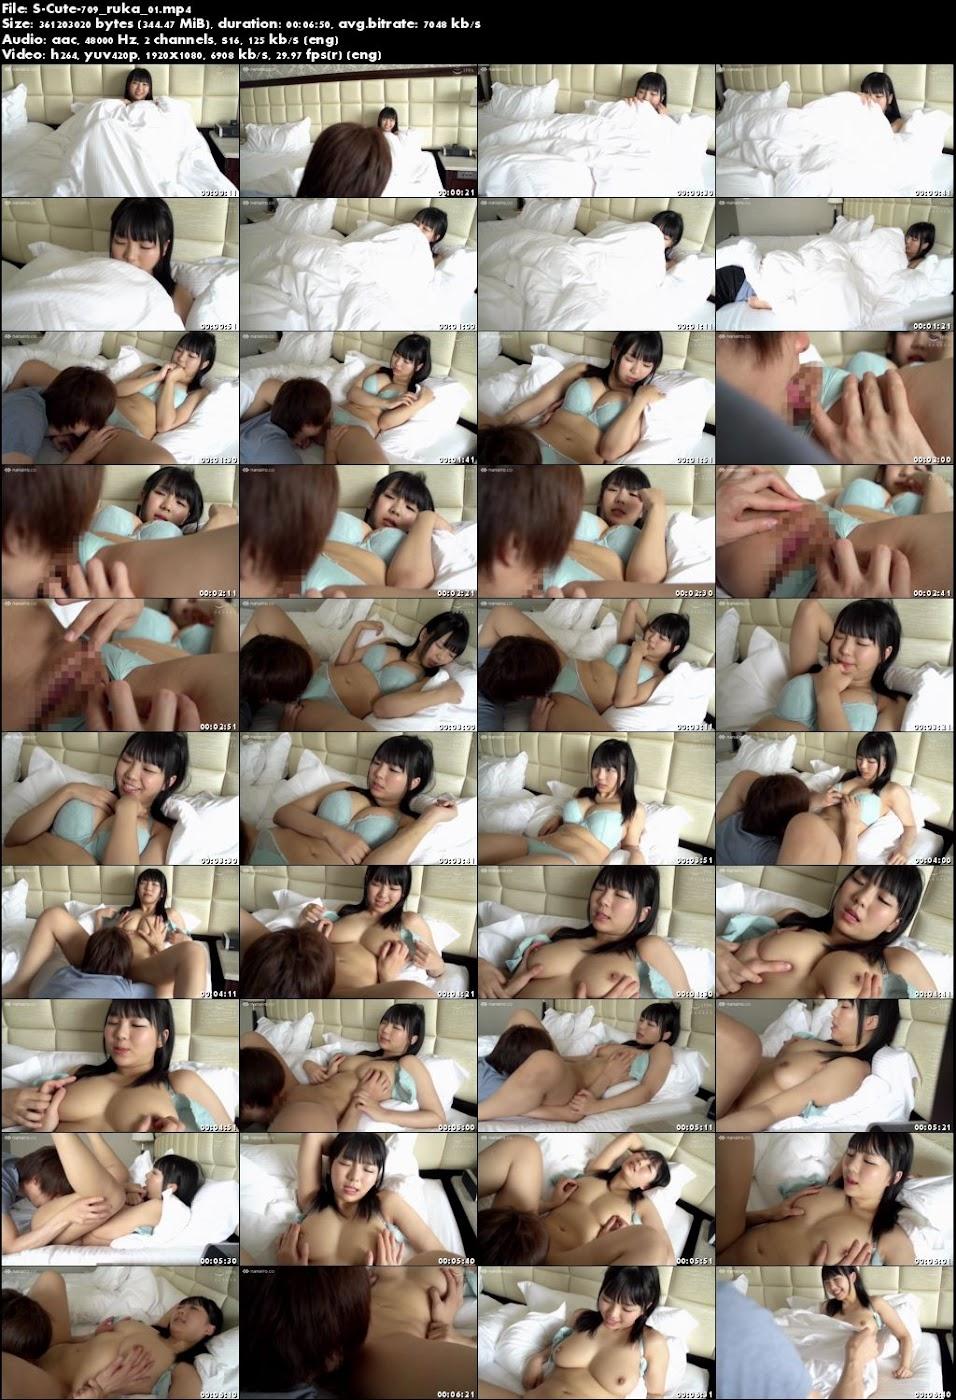 S-Cute 709_ruka_01 パイパン娘の布団に潜入クンニ/Ruka s-cute 08150